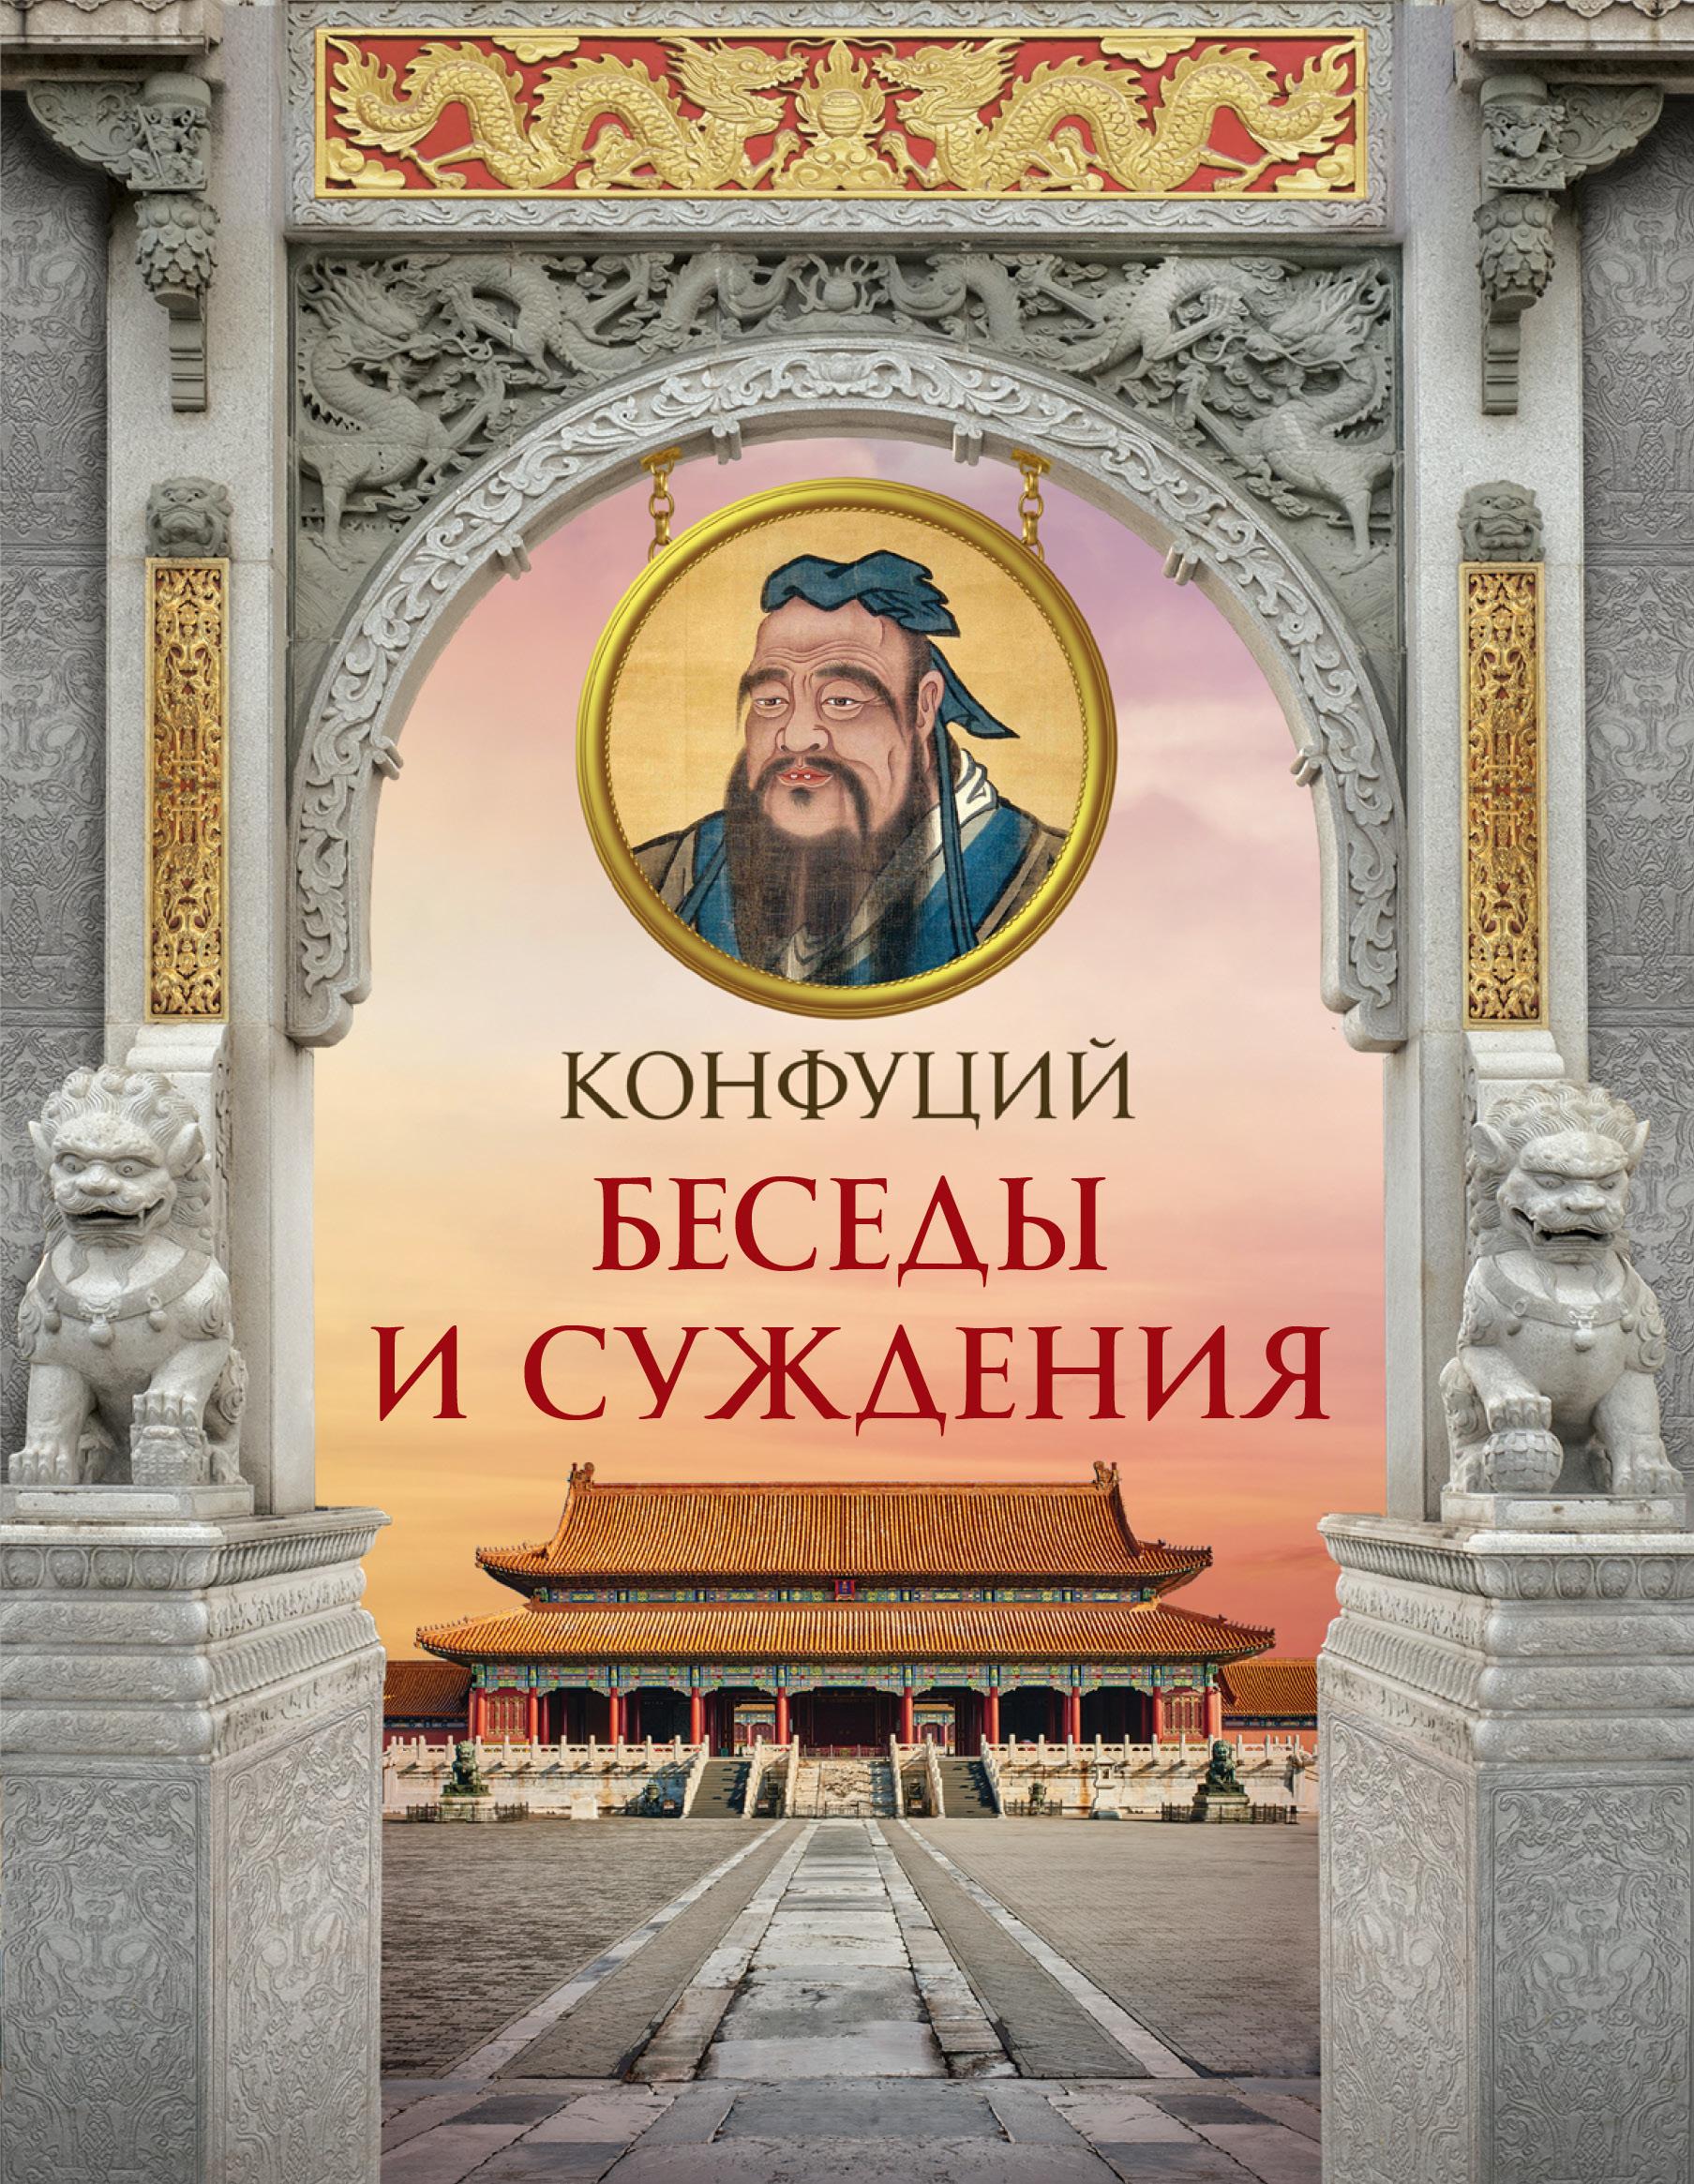 Конфуций Конфуций. Беседы и суждения основные суждения трансгуманизма